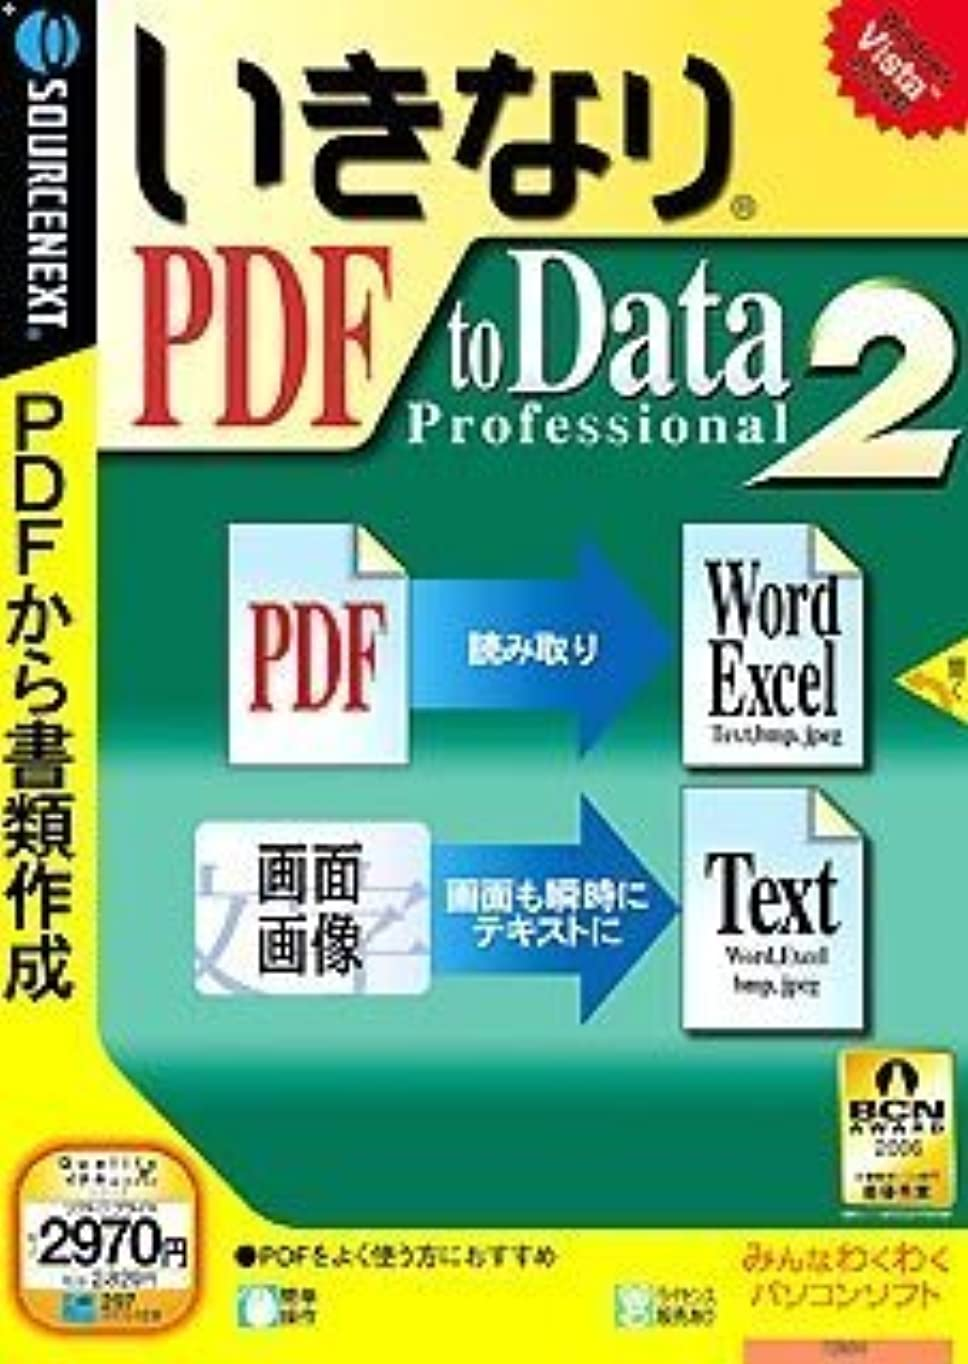 いきなりPDF to Data Professional 2 (説明扉付スリムパッケージ版)